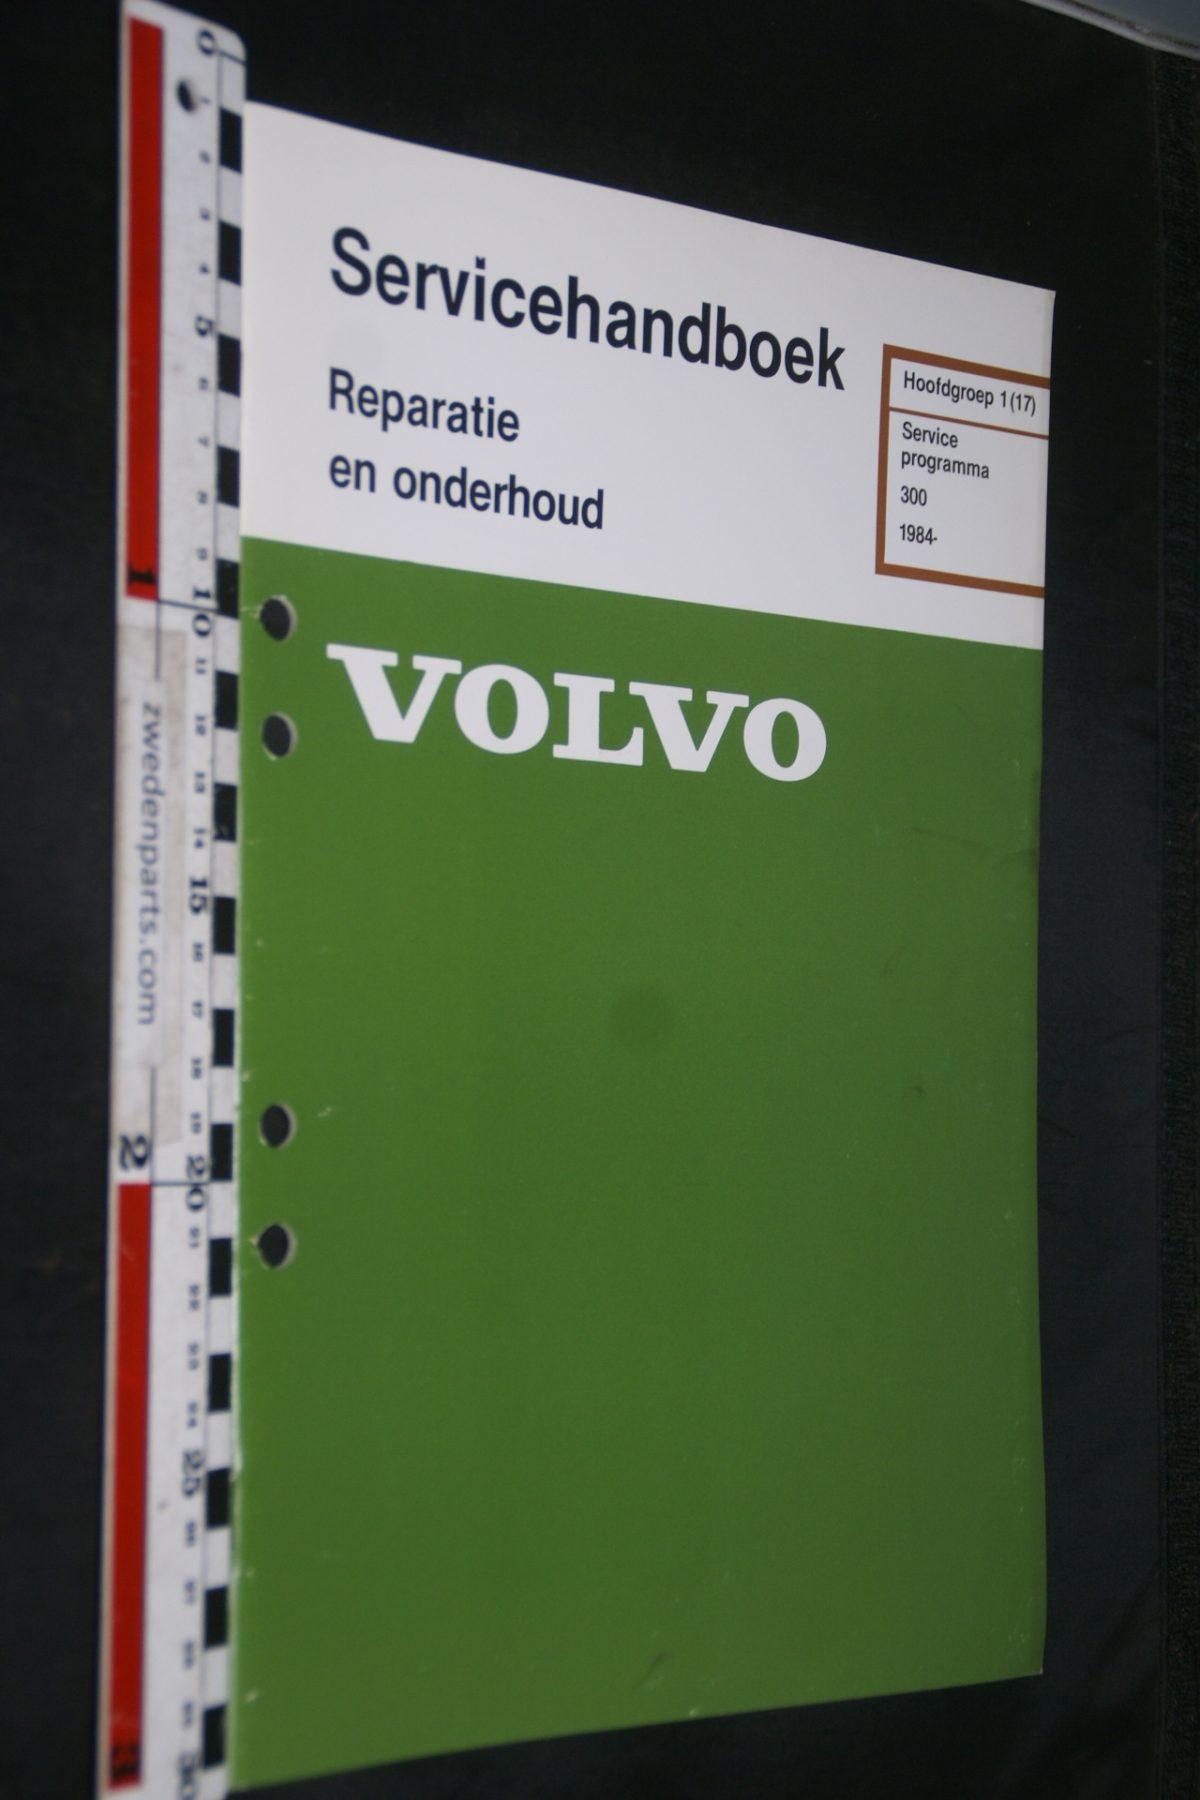 DSC06794 1983 origineel Volvo 300 servicehandboek 1 (17) serviceprogramma 1 van 800 TP 35171-1